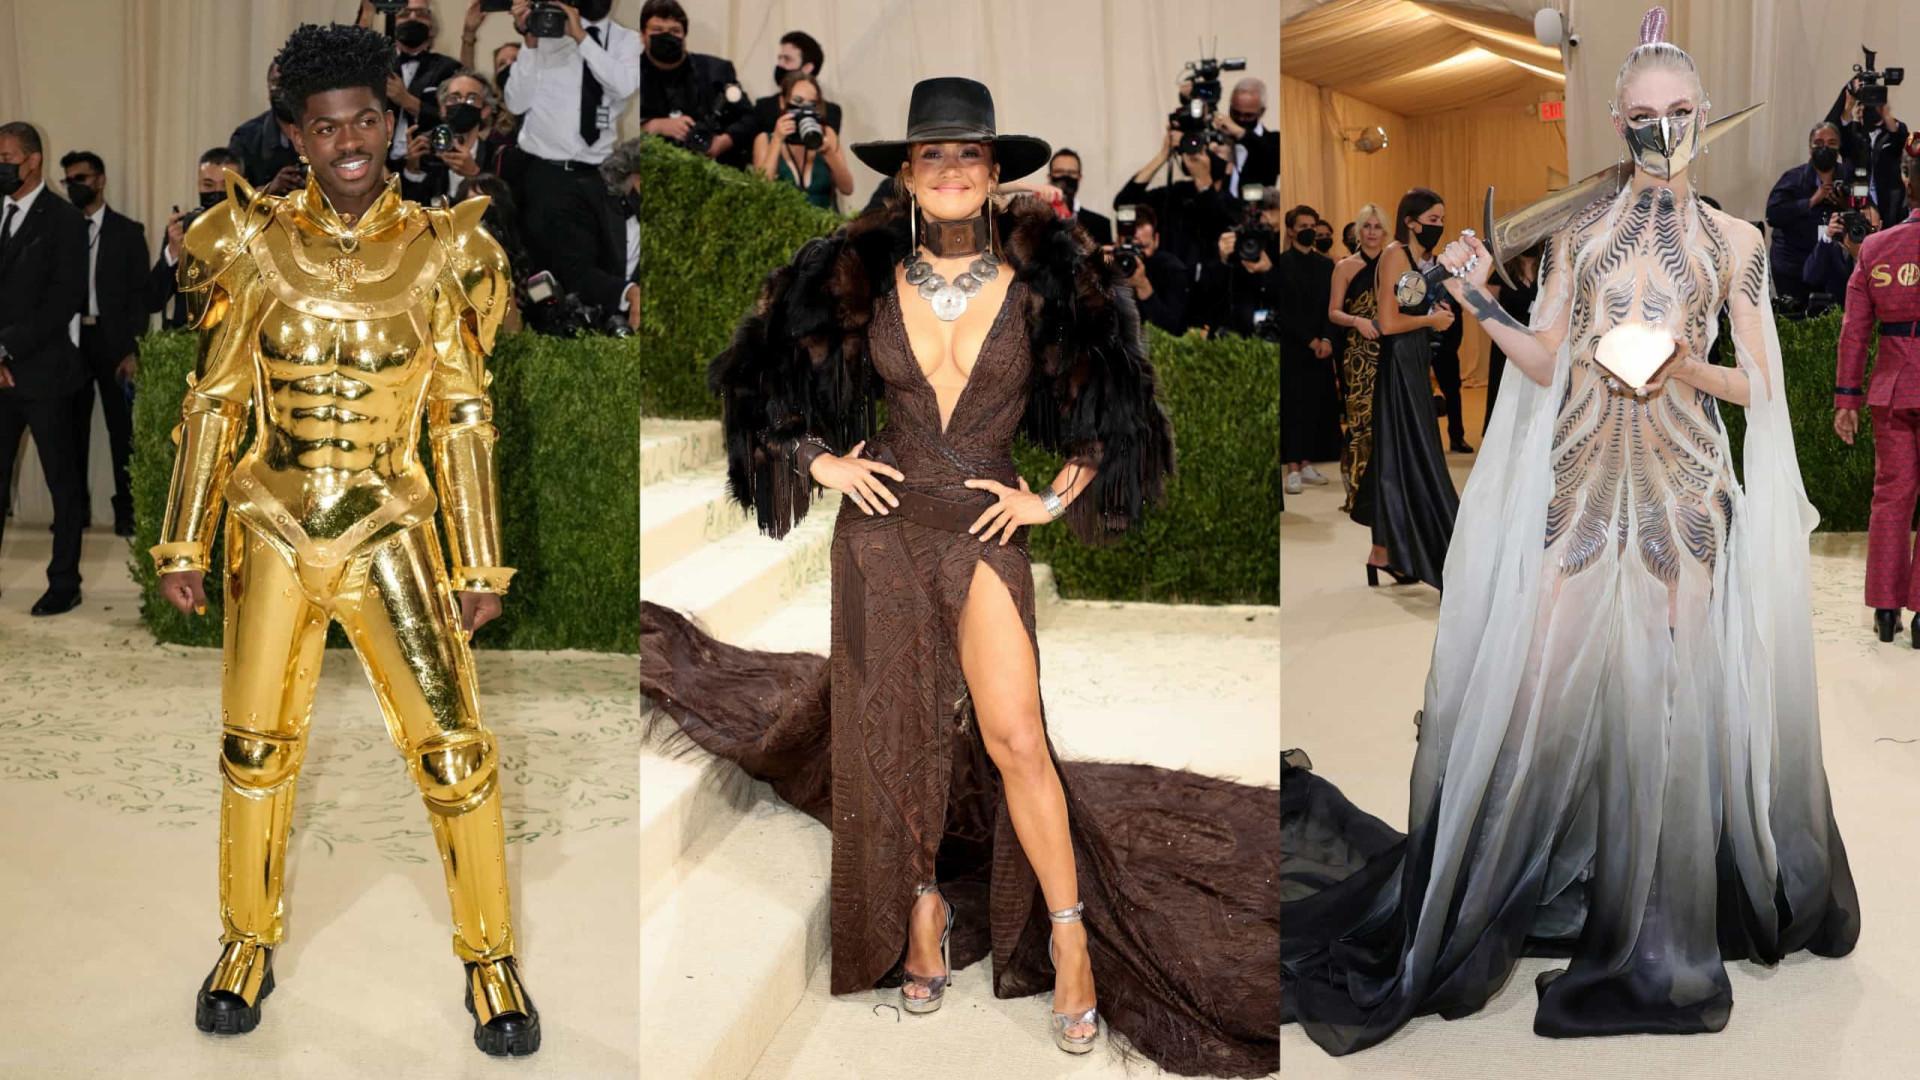 A evolução das estrelas no Met Gala: dos looks sem graça aos extravagantes!